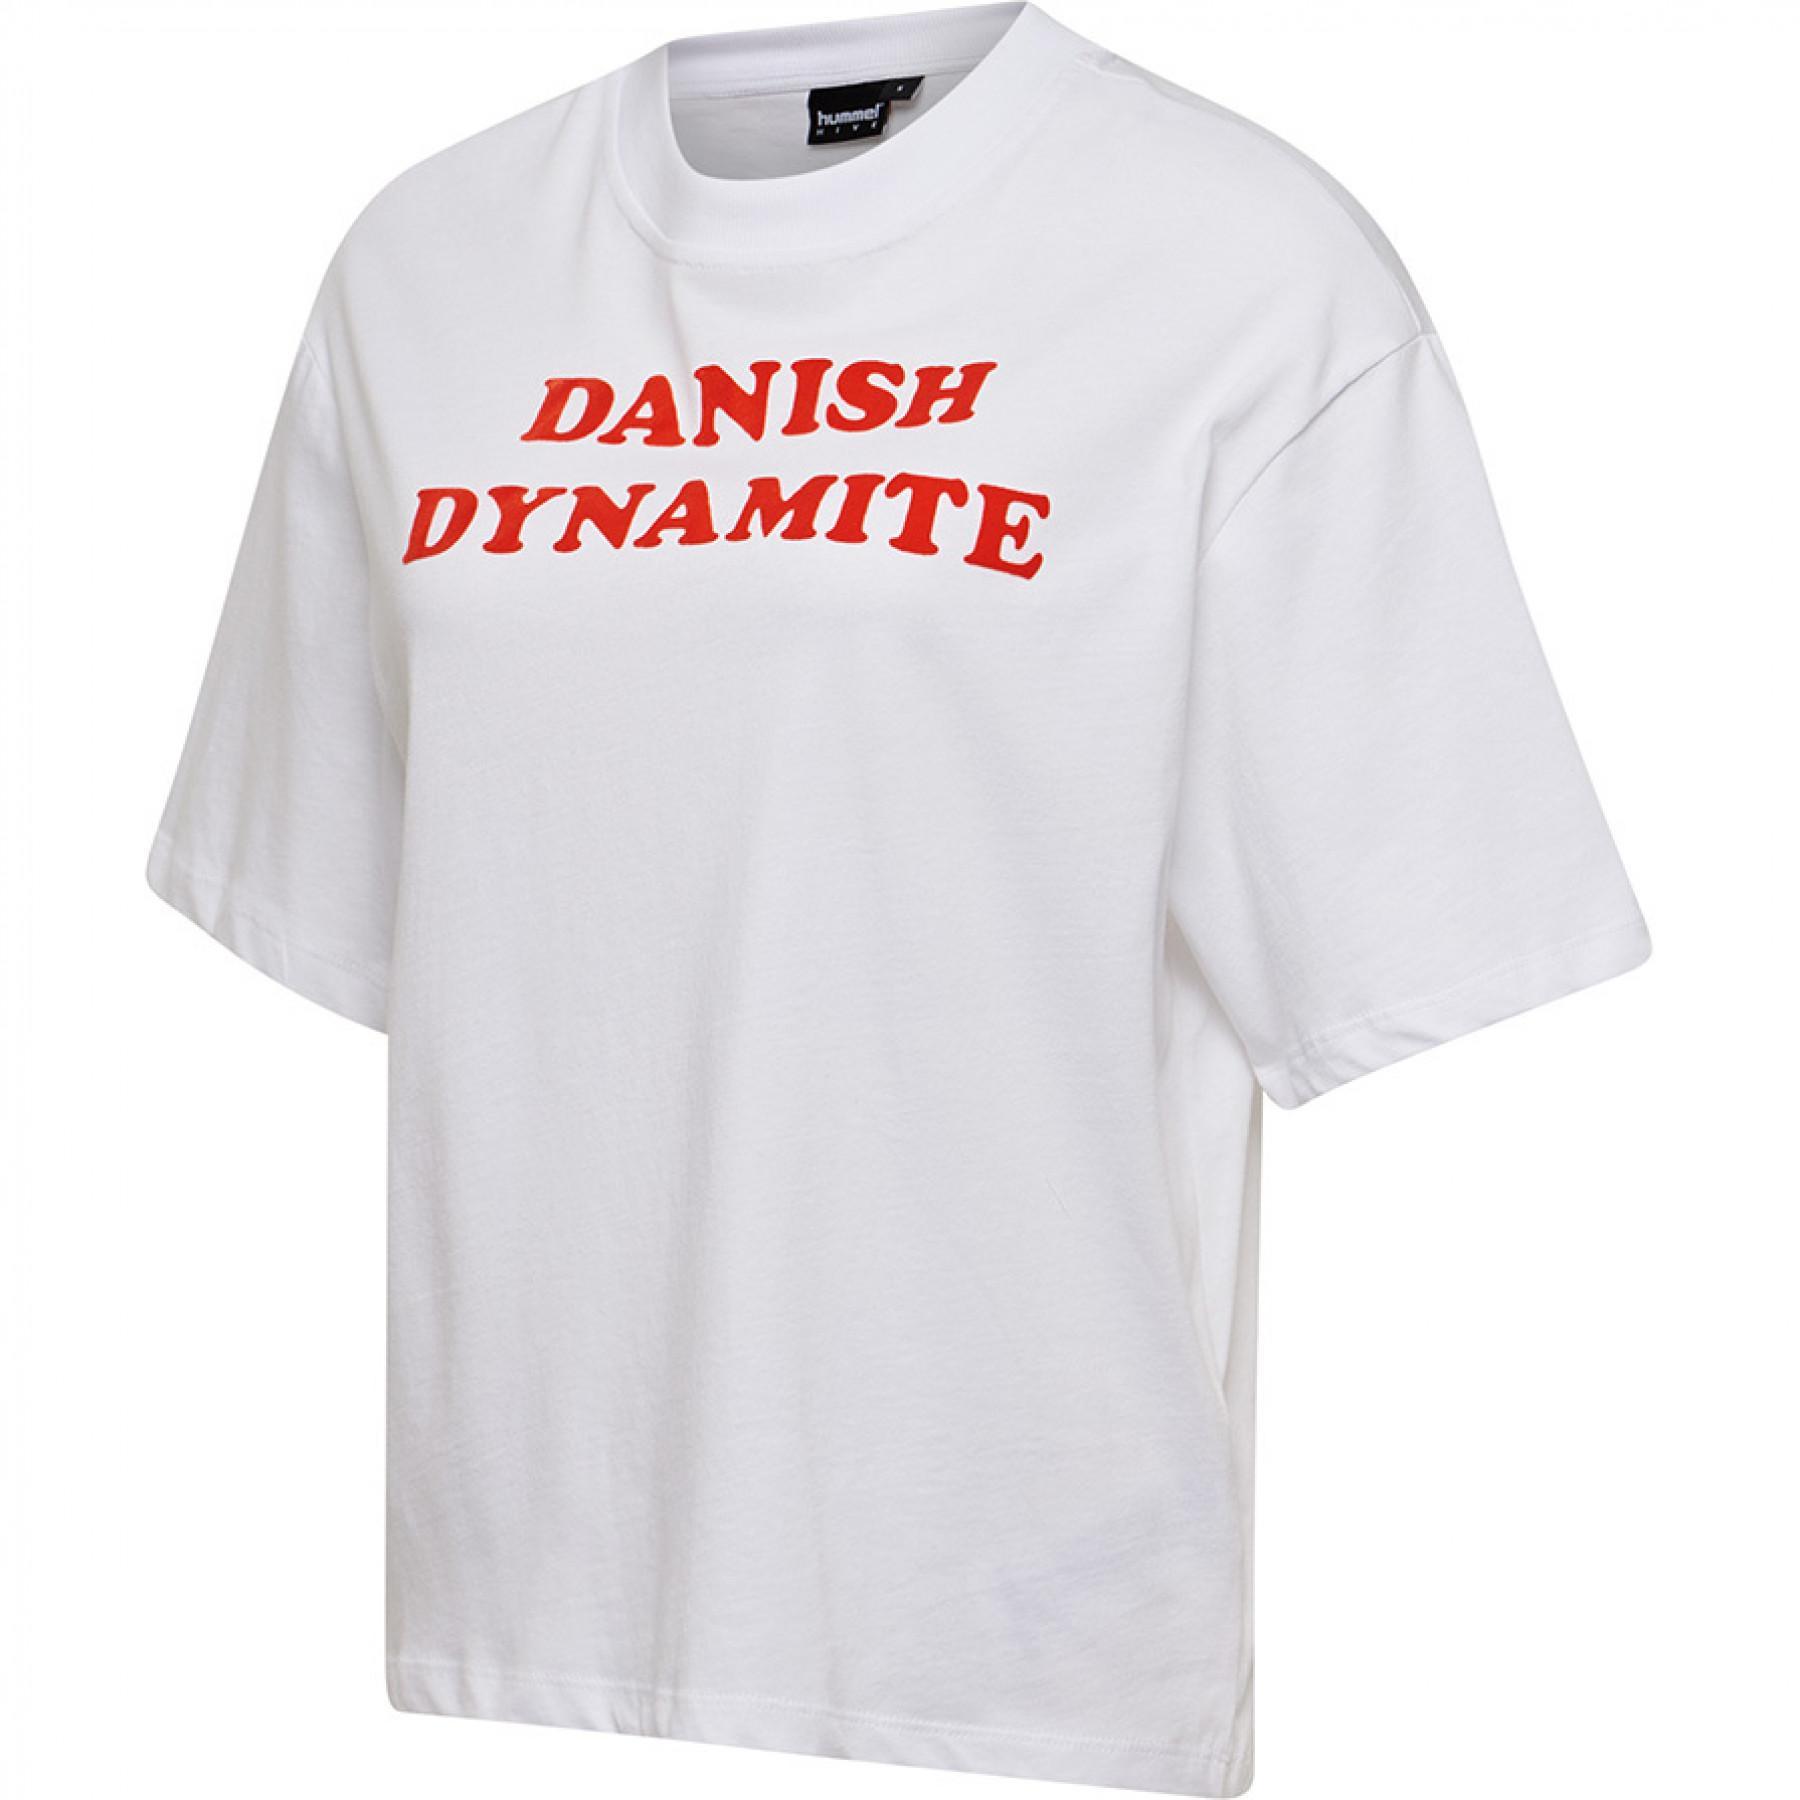 T-Shirt Hummel ava